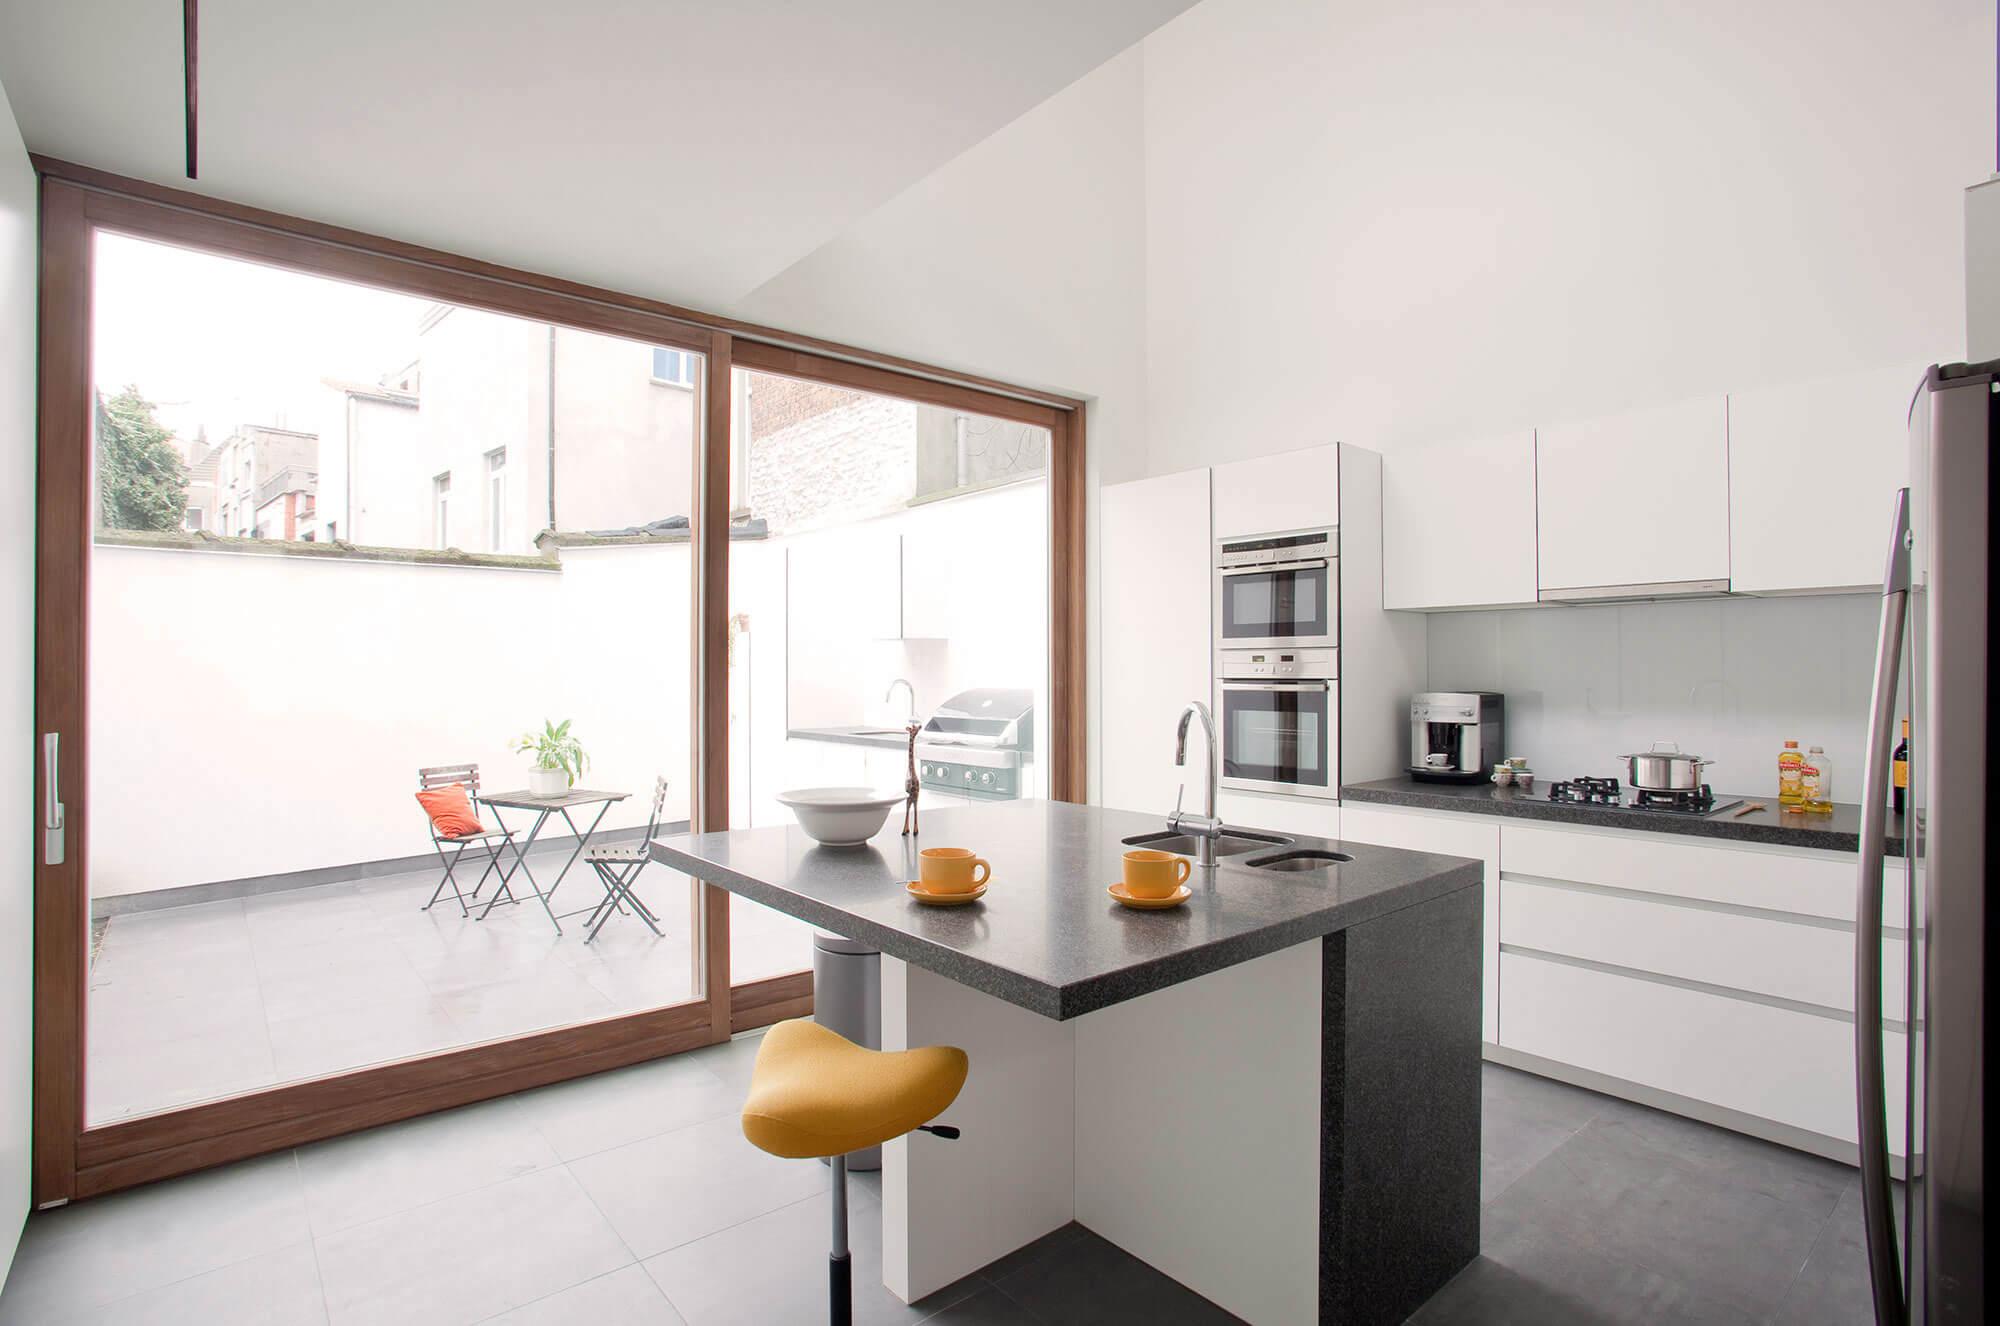 De keuken, voorzien van een kookeiland, sluit aan op de binnenkoer. De grote schuiframen zorgen voor een maximale natuurlijke belichting van de ruimte.